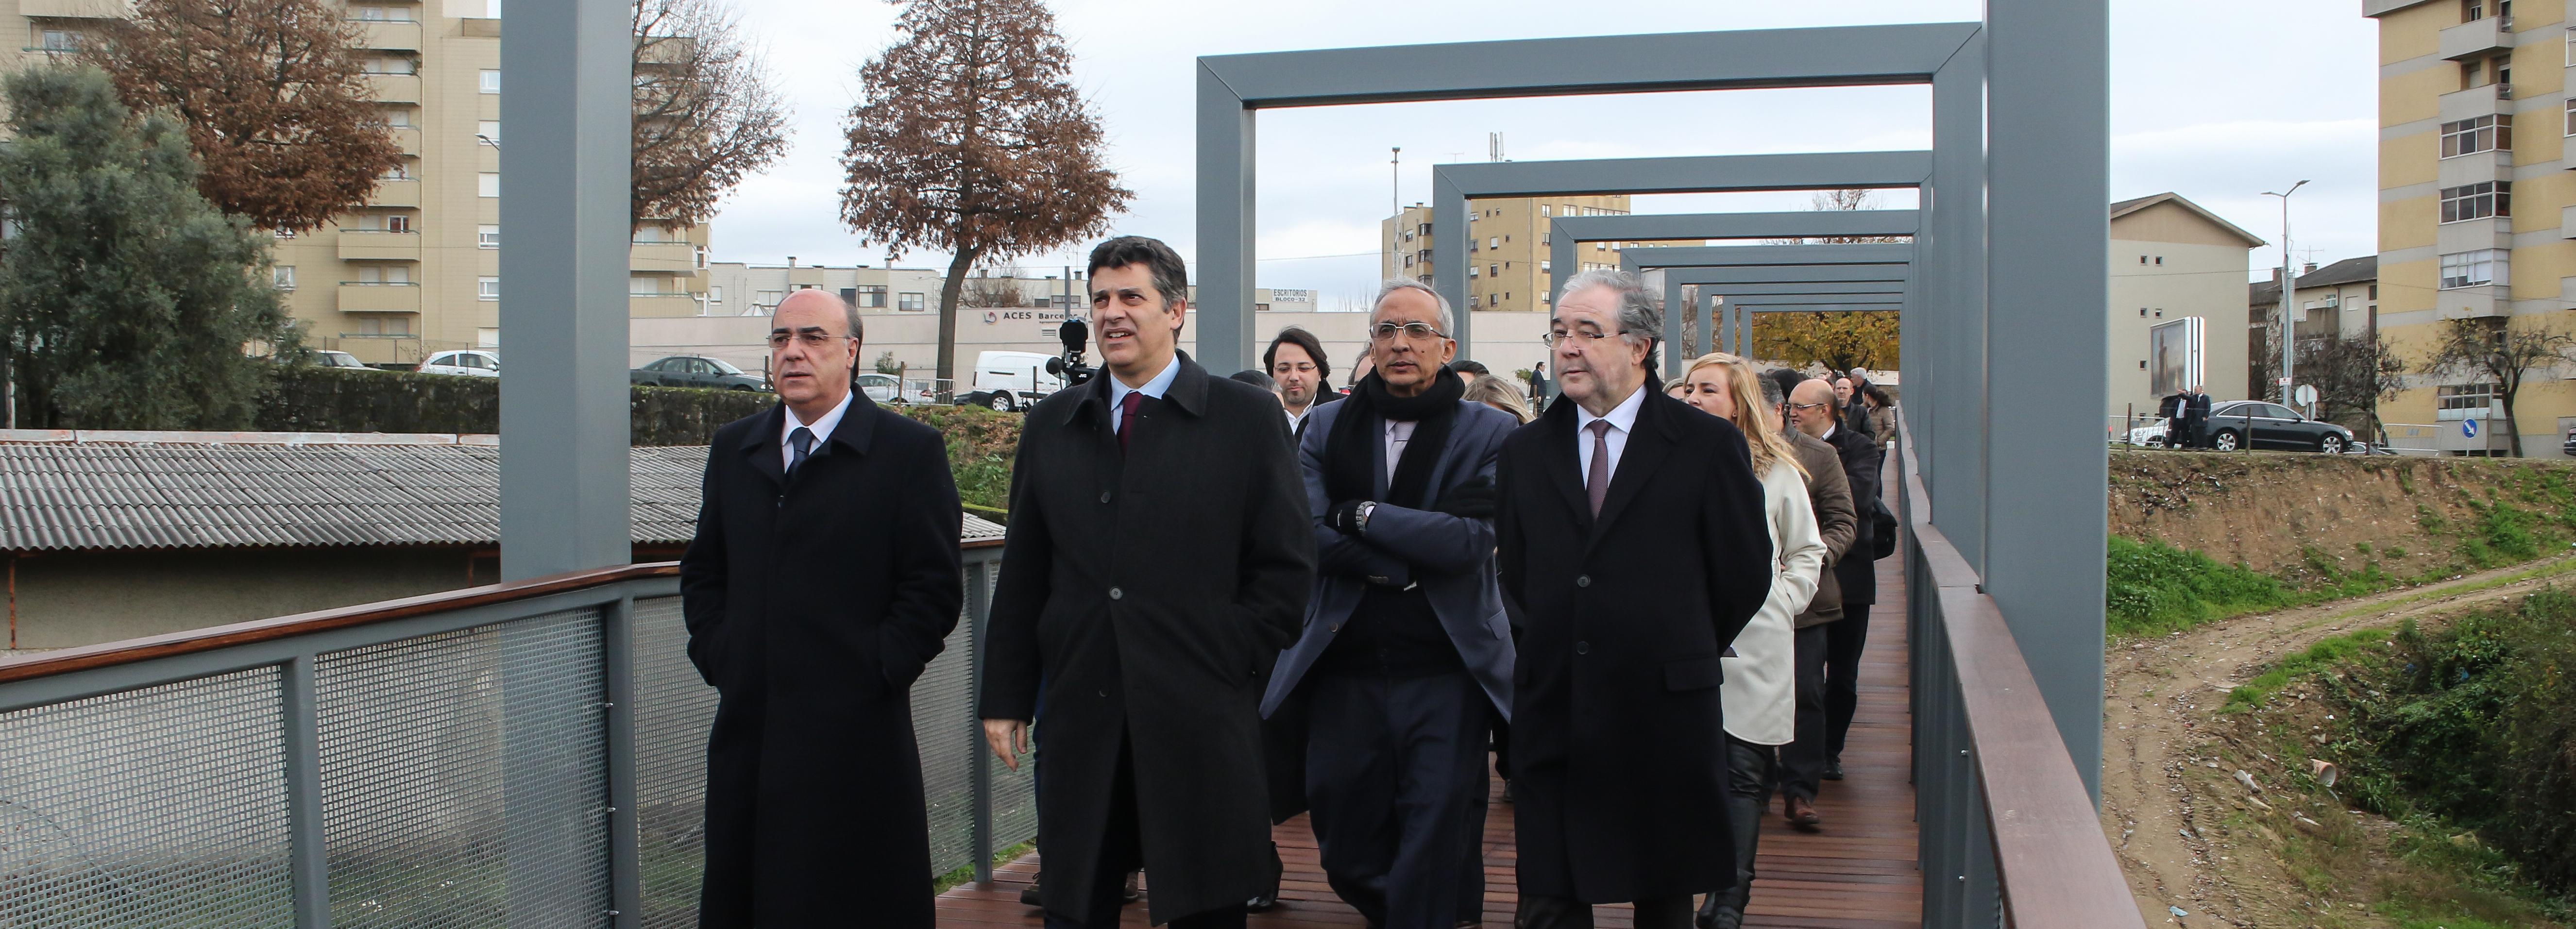 Ministro da Economia inaugurou acesso pedonal ao IPCA